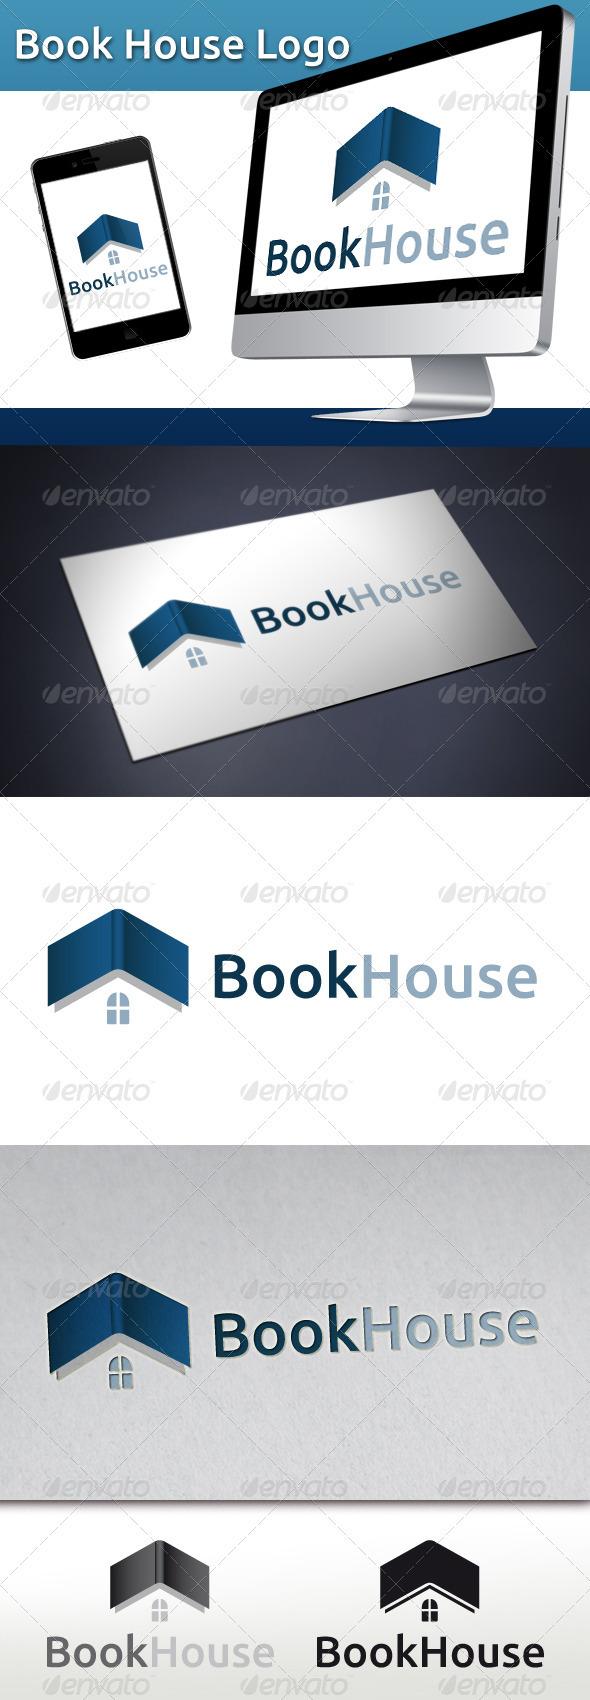 GraphicRiver Book House Logo 3401329